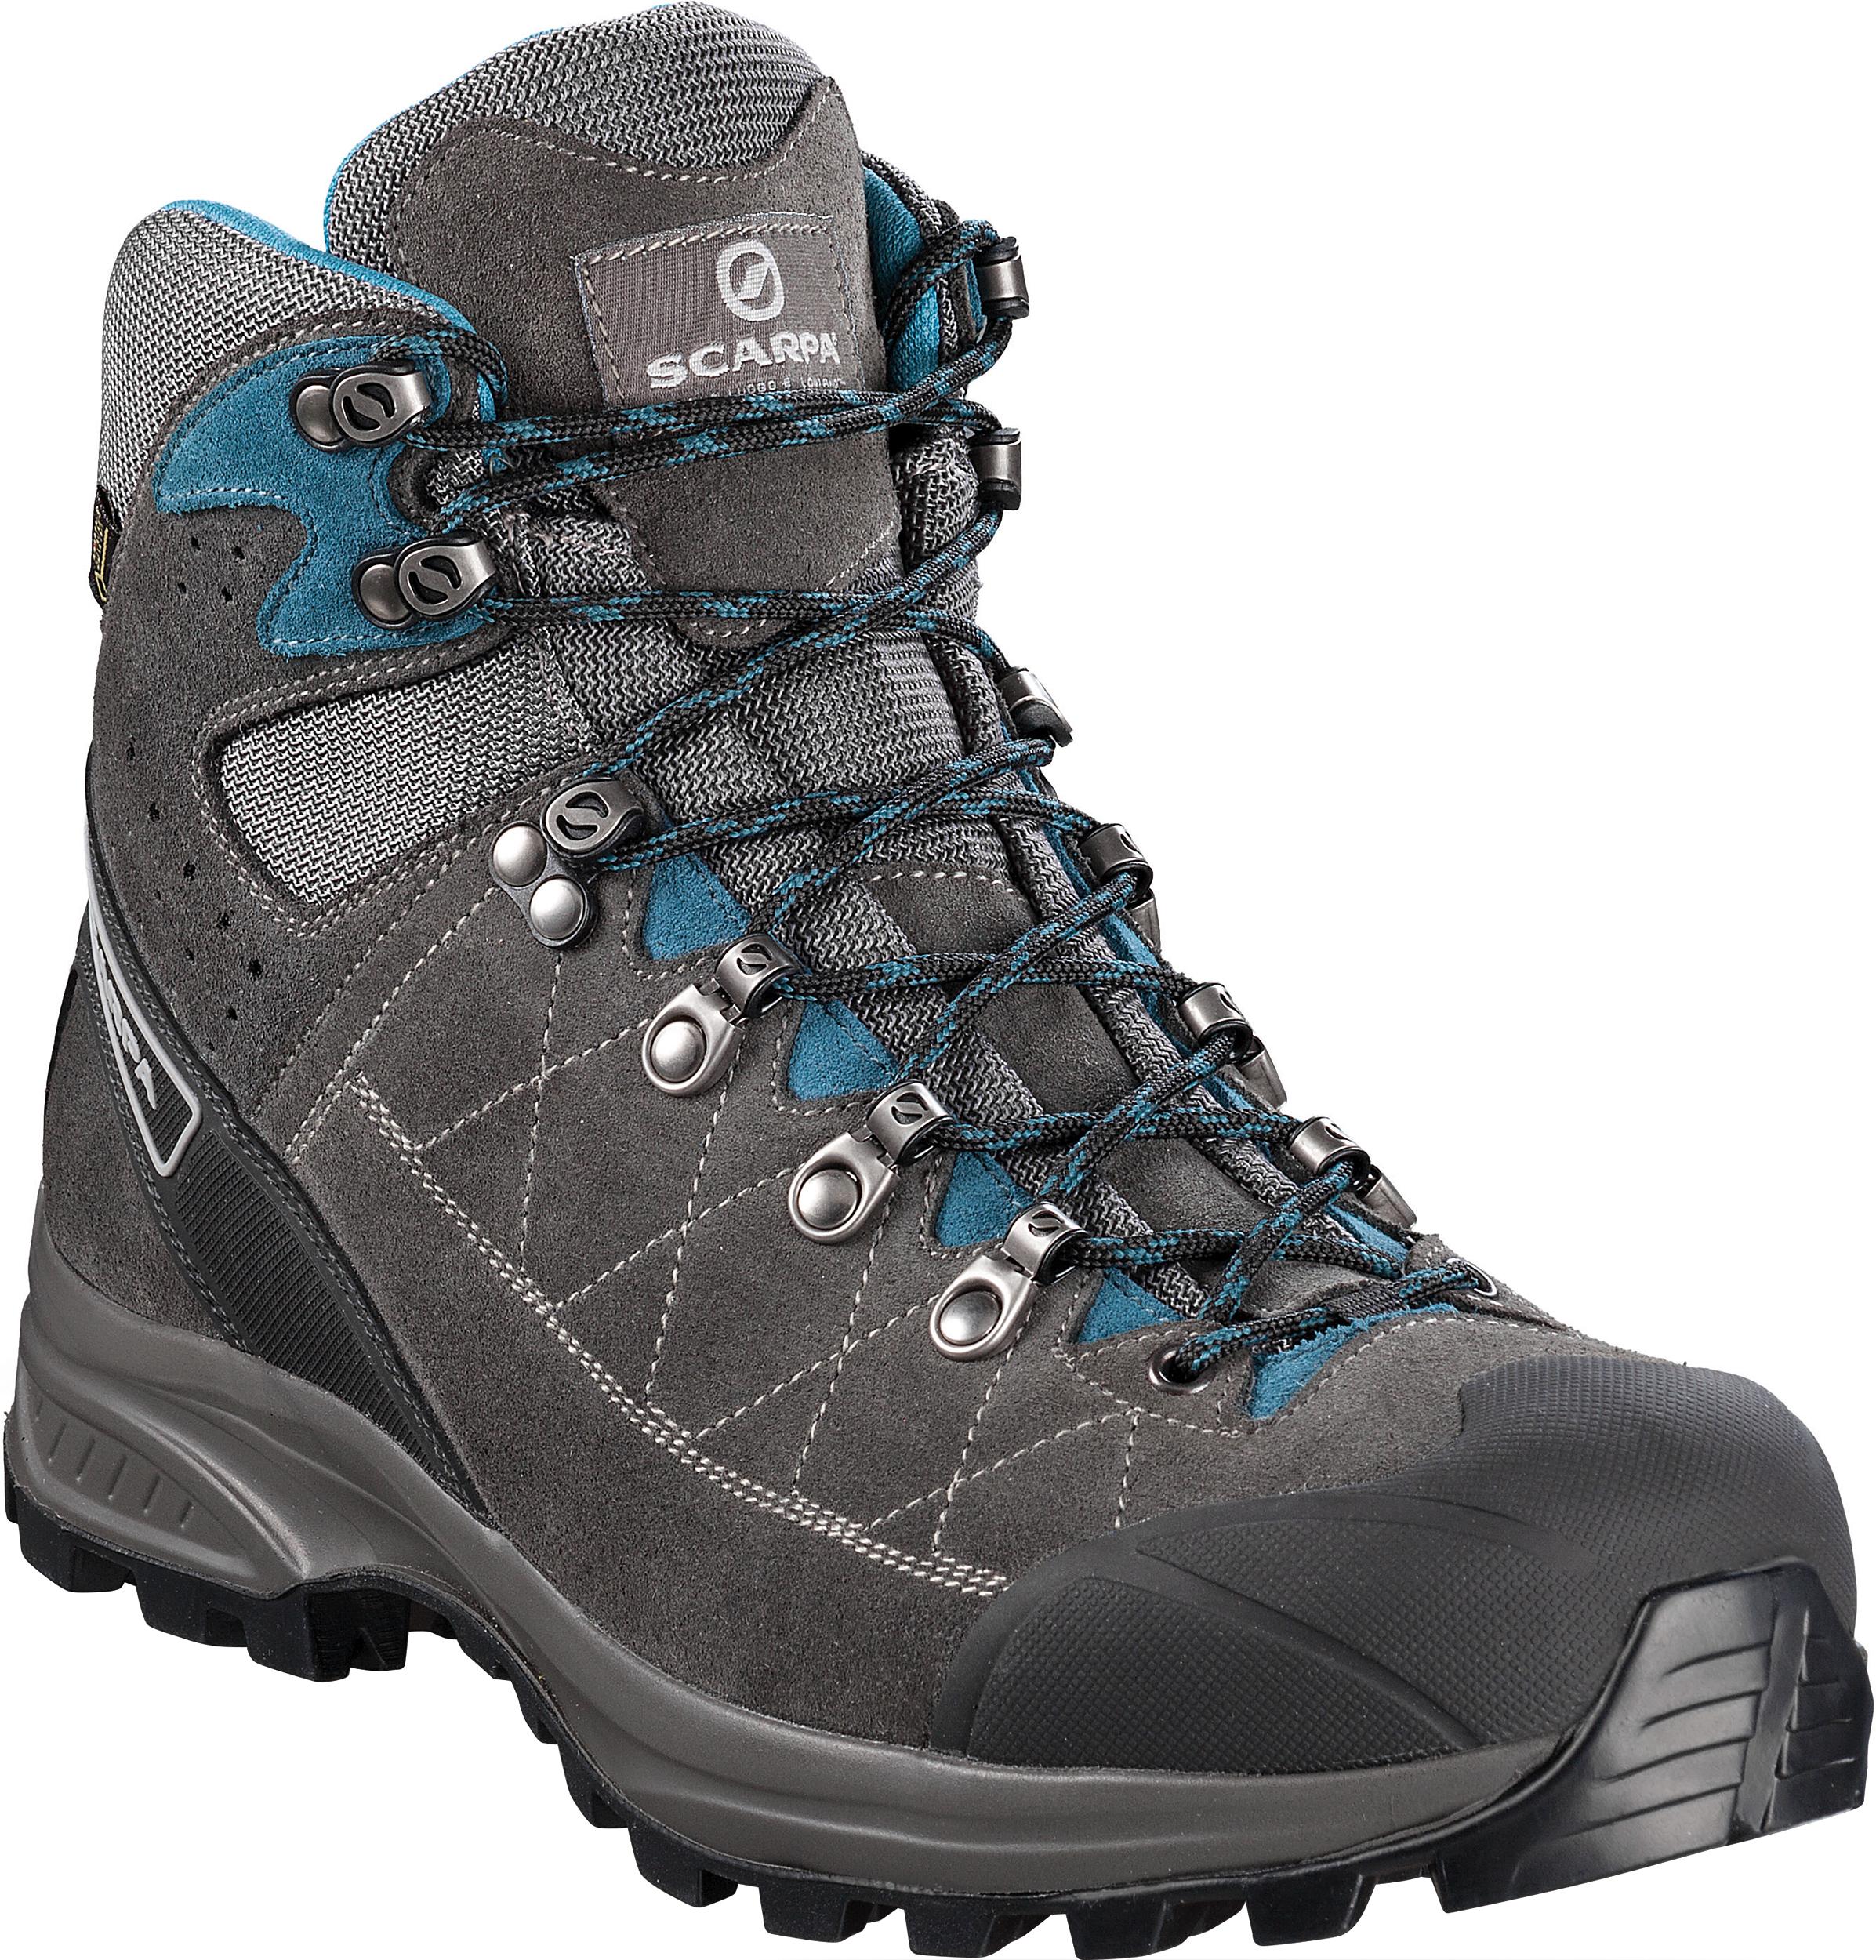 9d5500816e5 Scarpa Boots | MEC